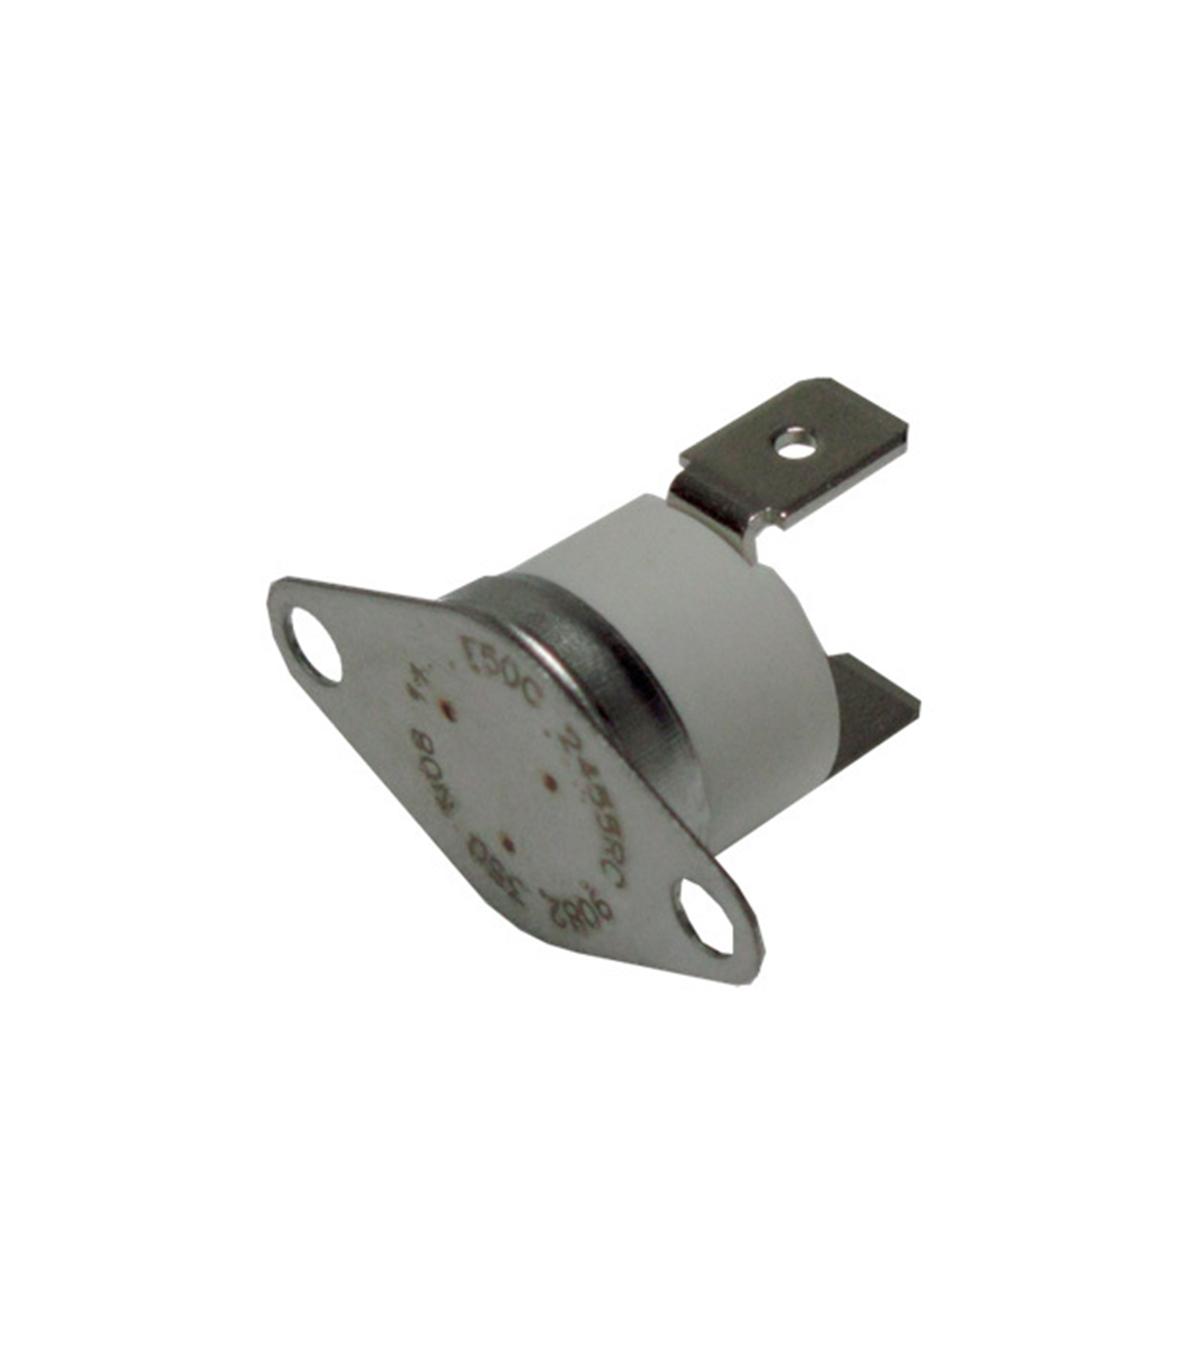 termostato-50-normalmente-aberto-t50a